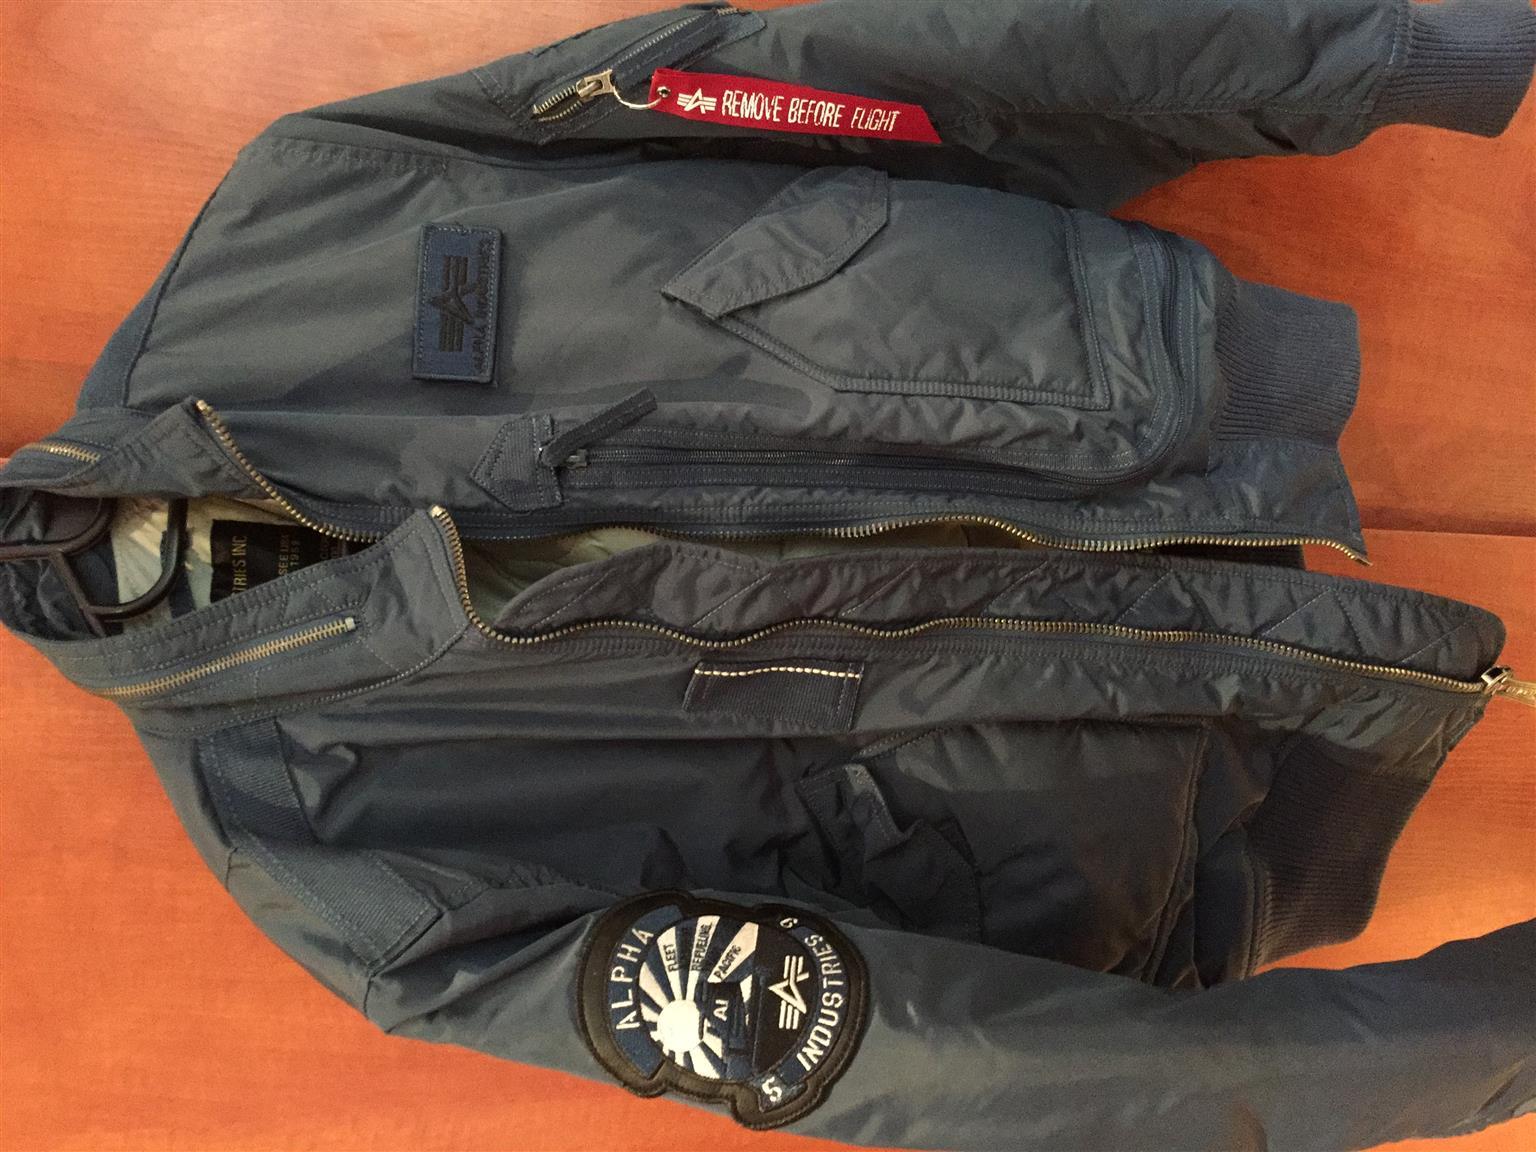 Alpha engine bomber jacket for sale